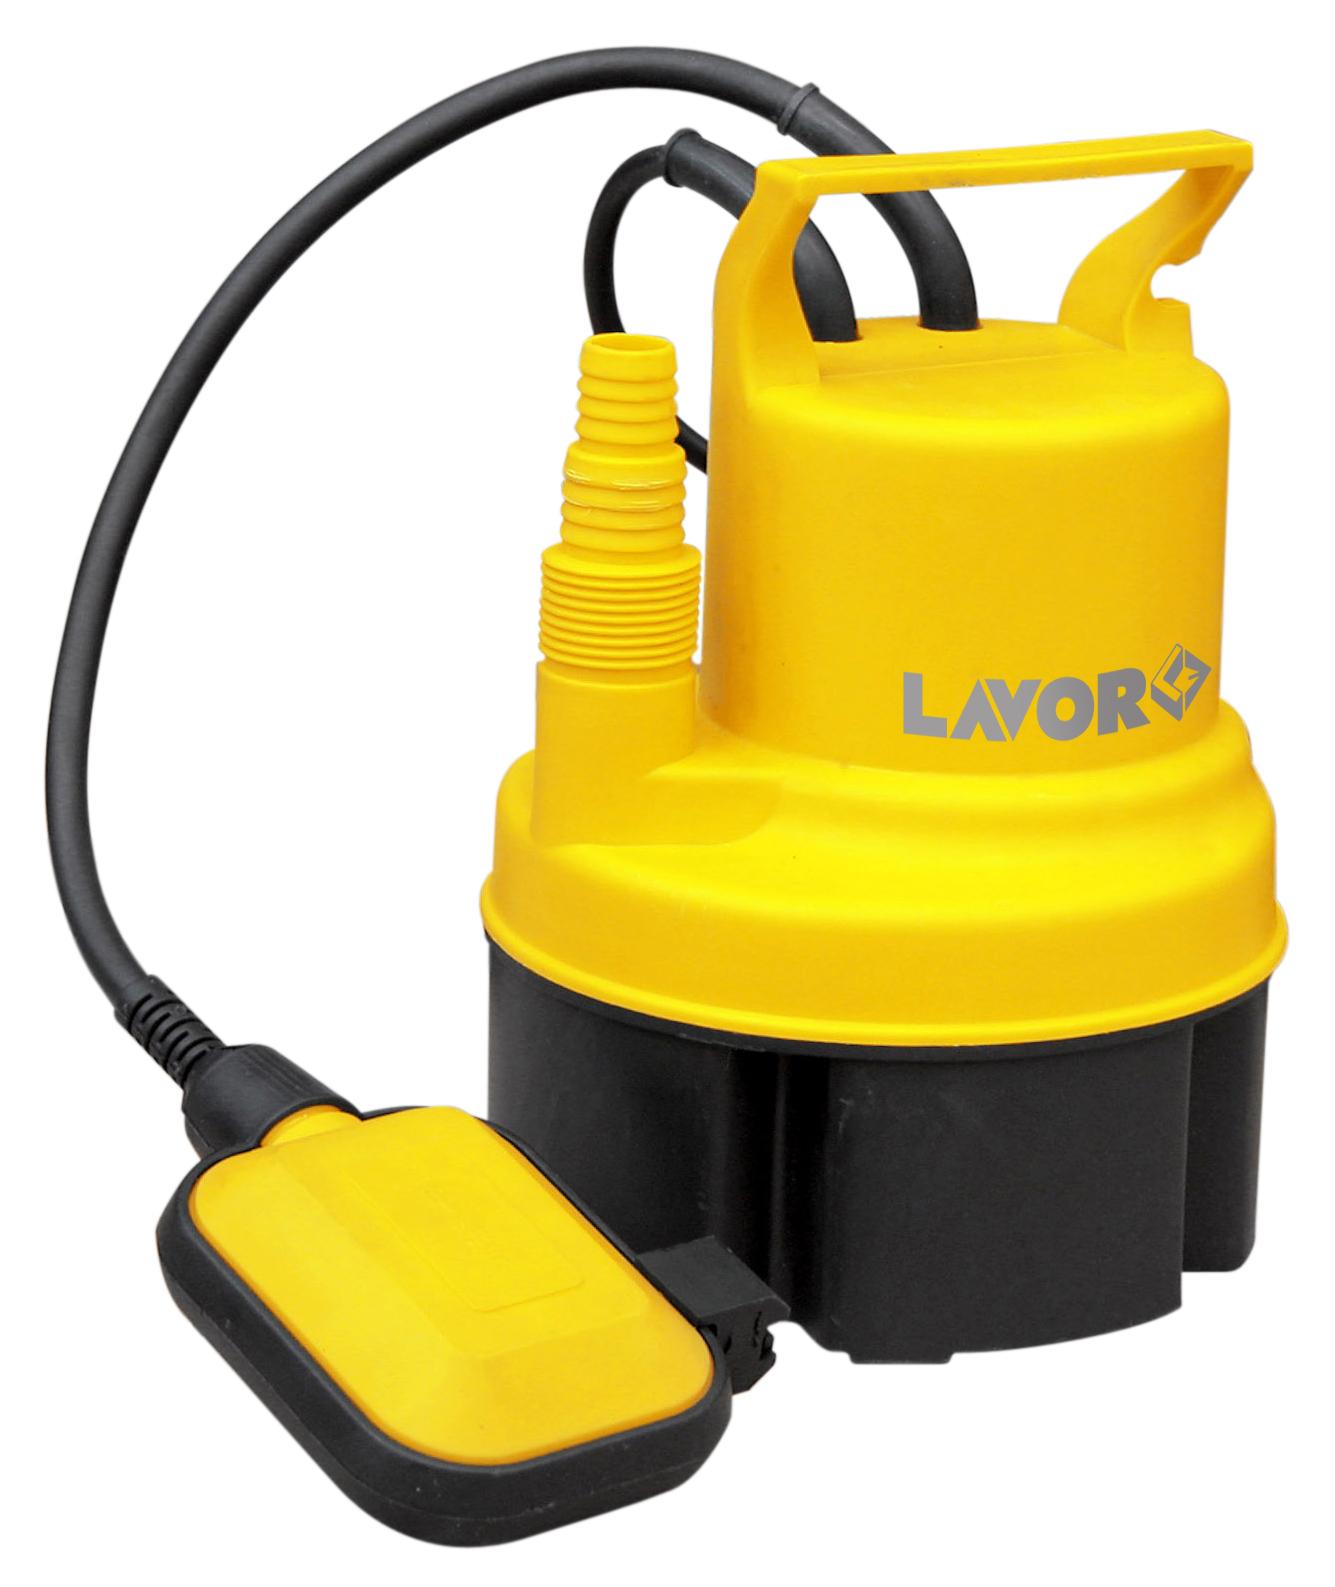 LAVOR Klar Wassertauchpumpe Tauchpumpe Klarwasserpumpe Pumpe EDP 5000